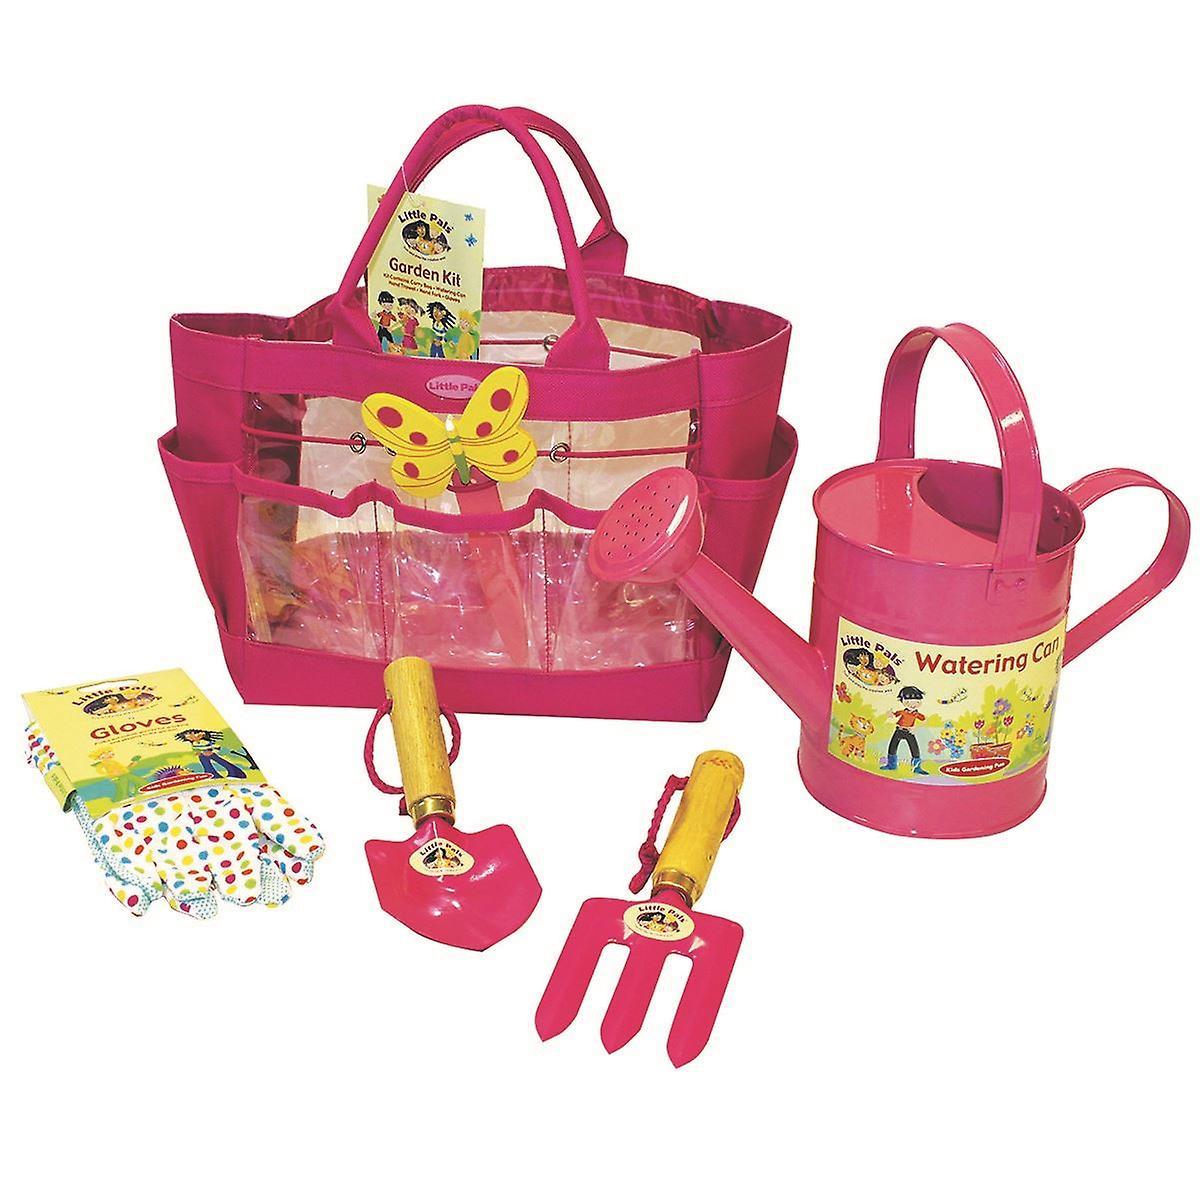 Little Pals (Senior) Garden Set - The Complete Kit for 3 yrs+